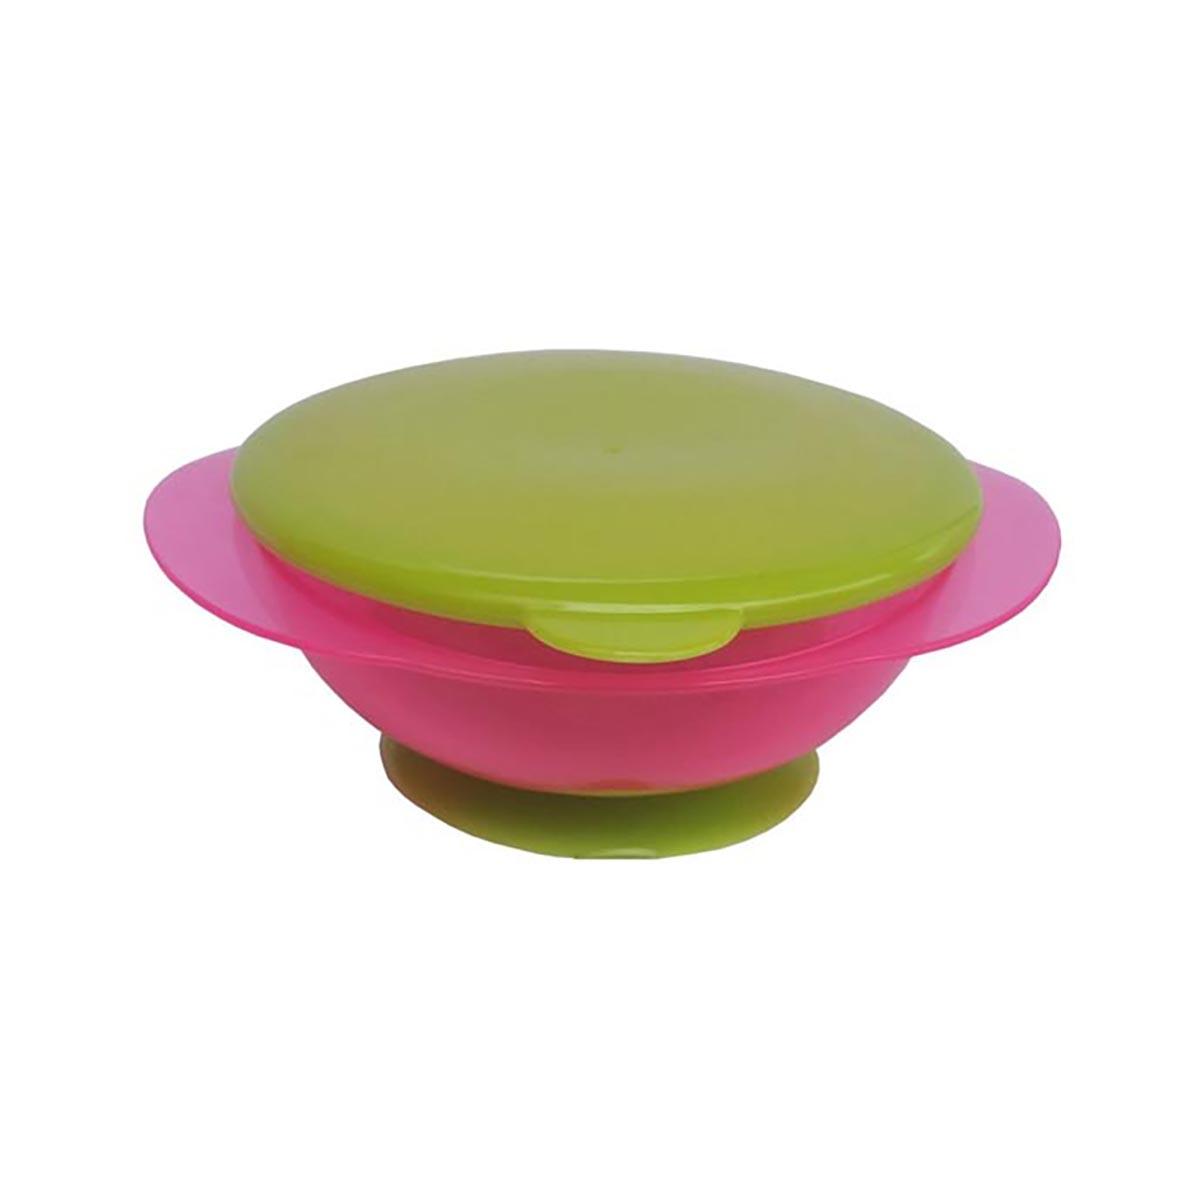 Bol pentru hranire cu ventuza si capac verde Primii Pasi, Roz imagine